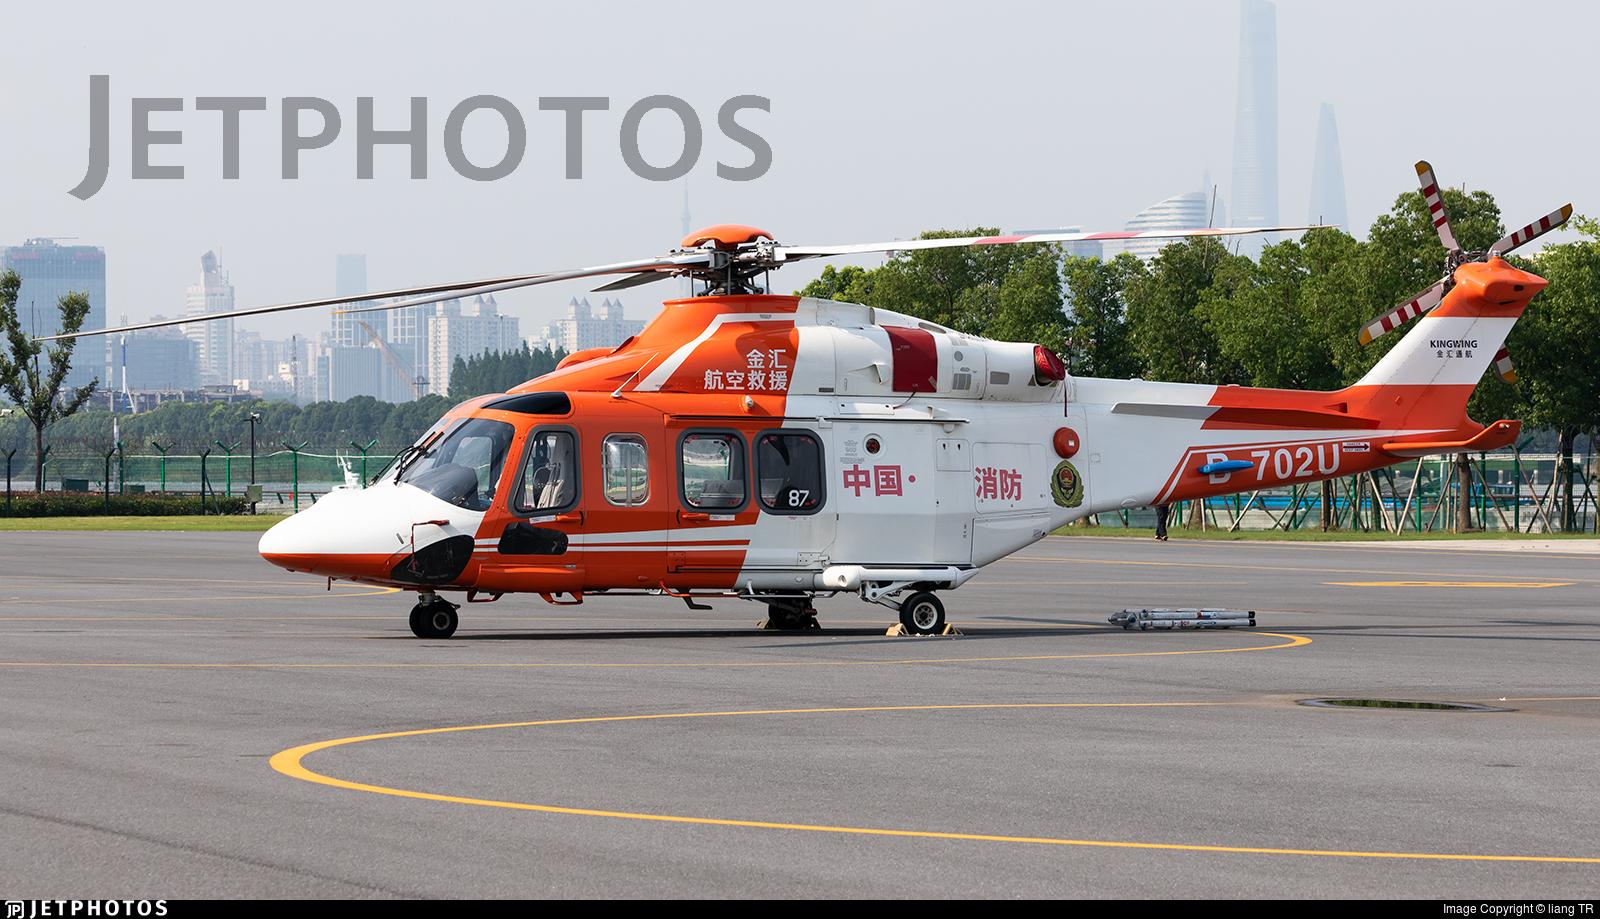 B-702U - Agusta-Westland AW-139 - Shanghai Kingwing General Aviation